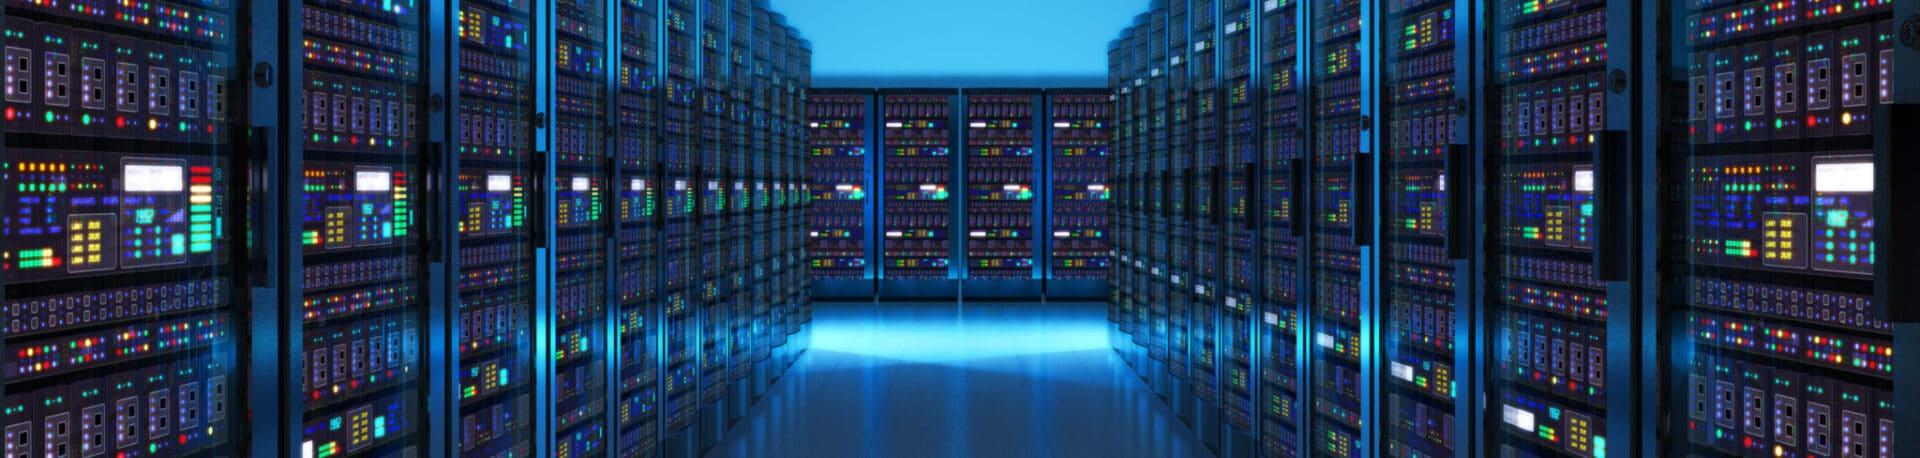 MySQL Database Servers